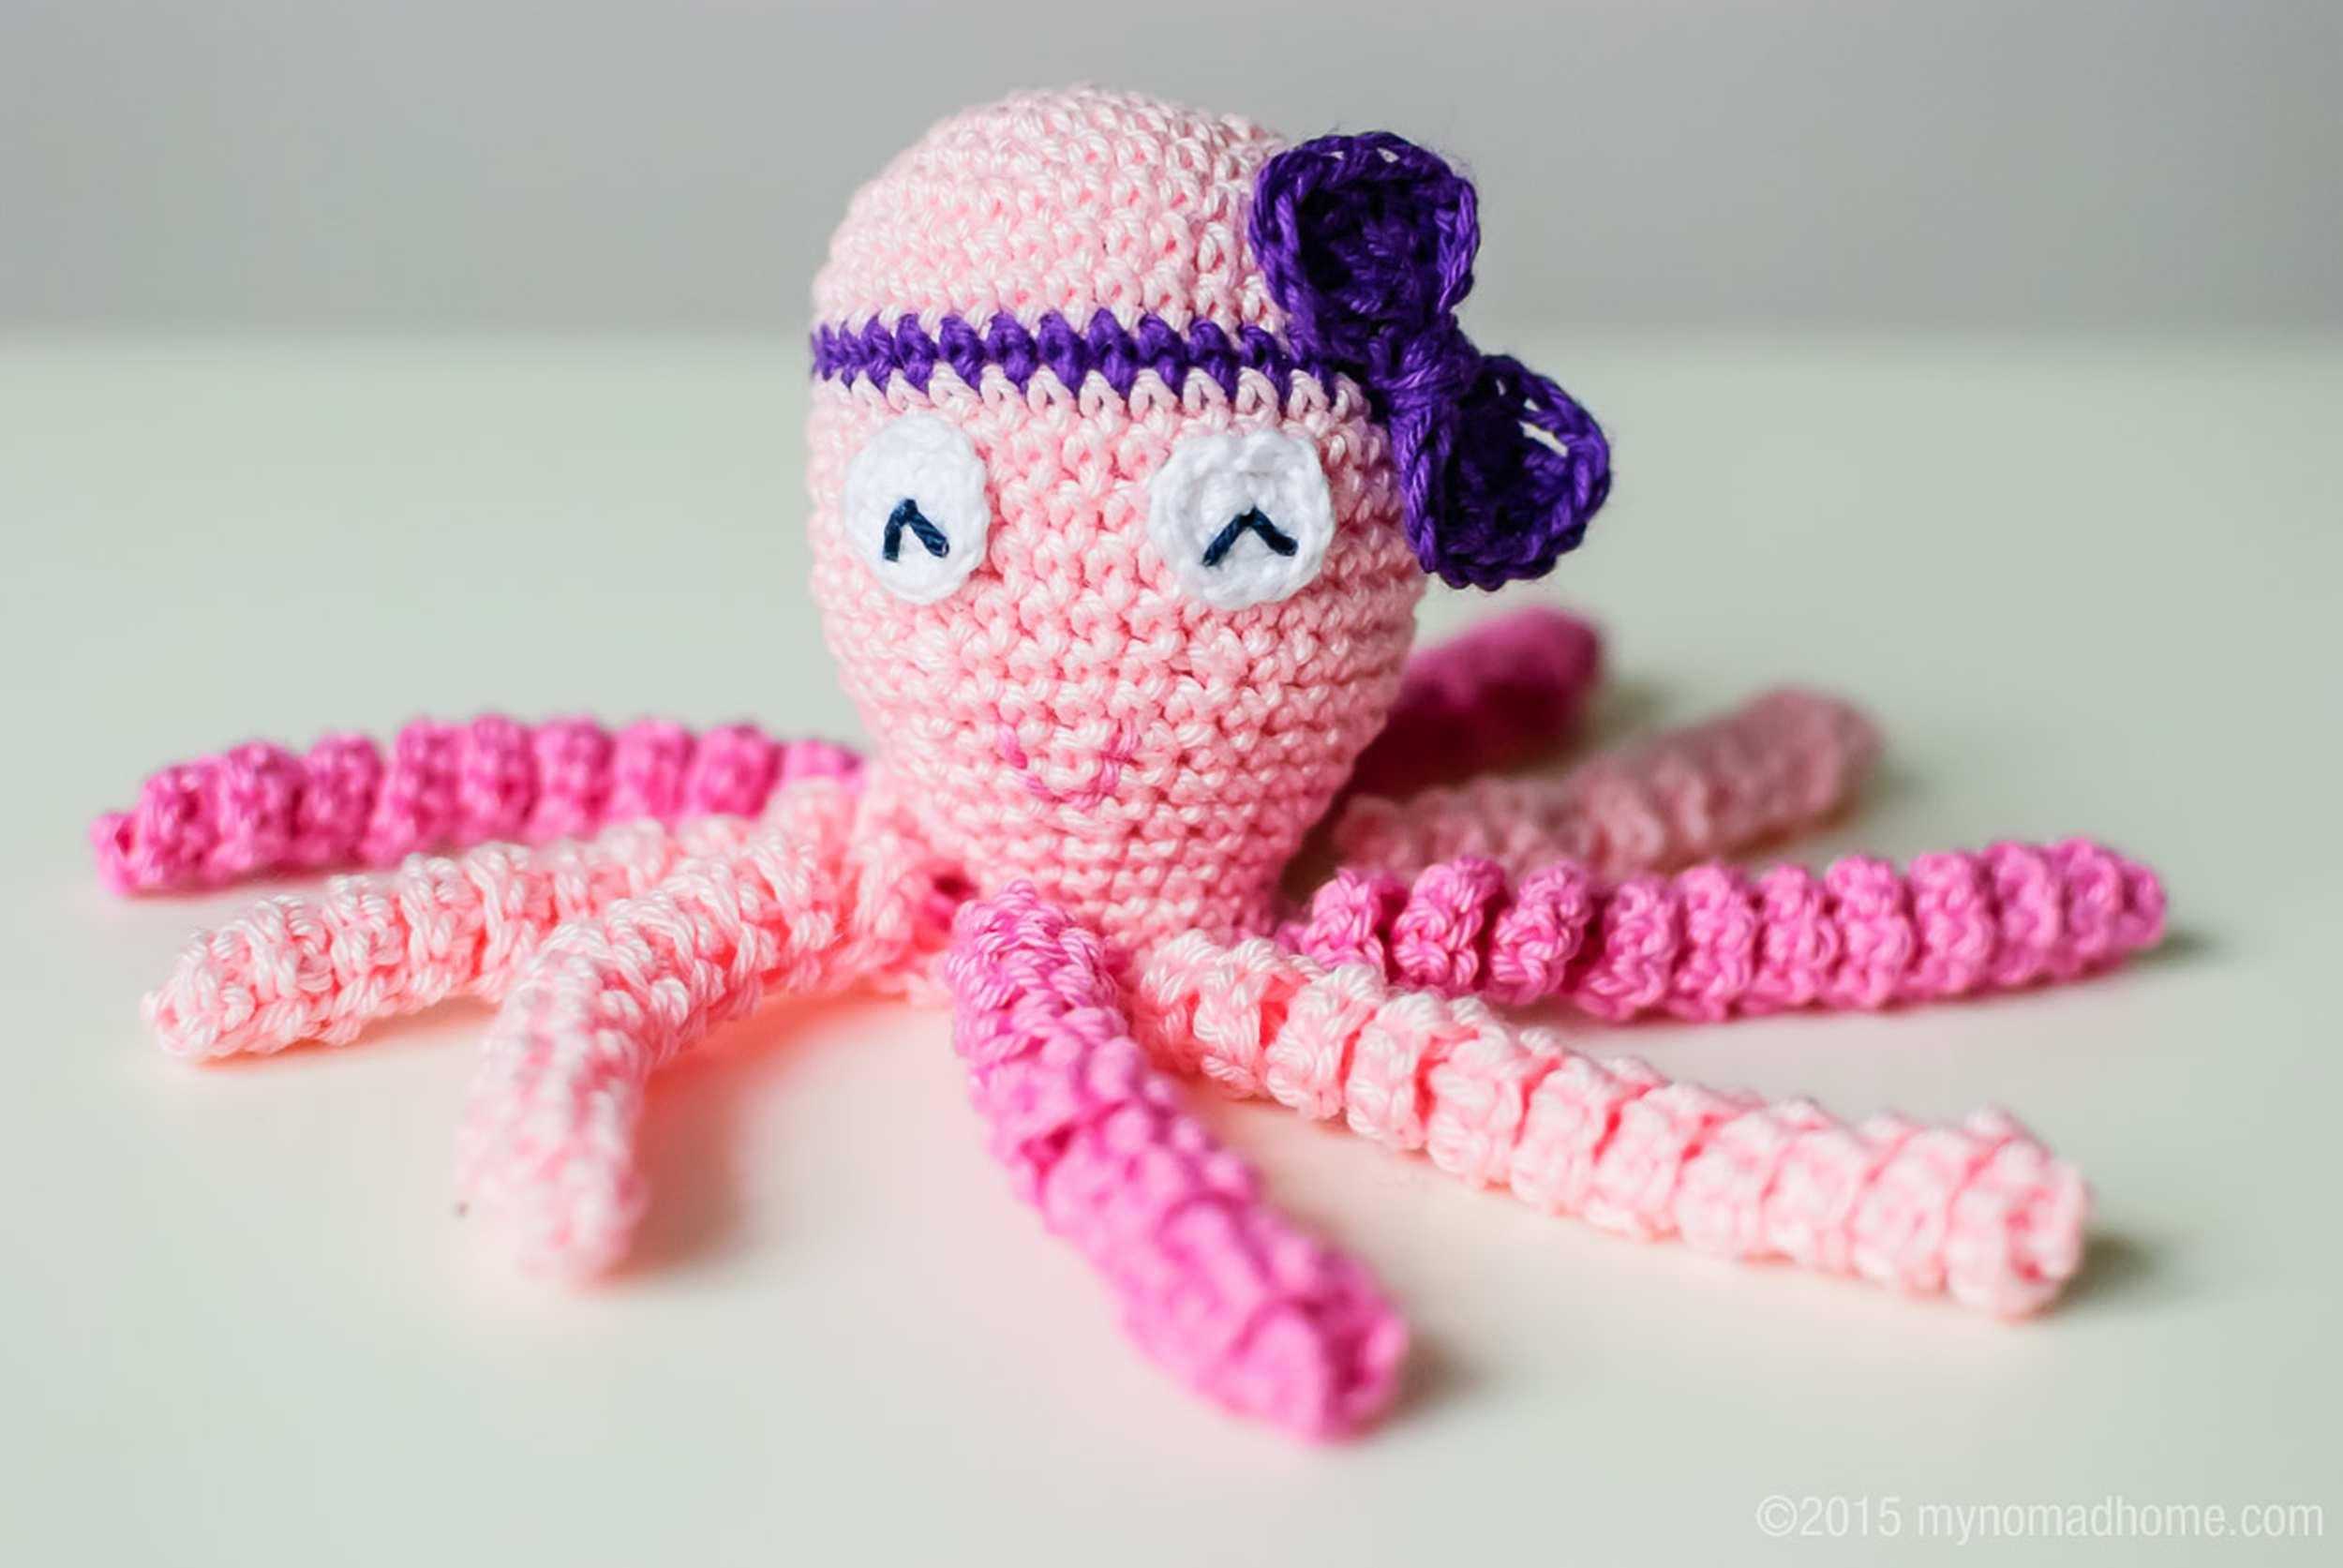 http://mynomadhome.com/octopus-for-a-preemie-osmiorniczka-dla-wczesniaka/